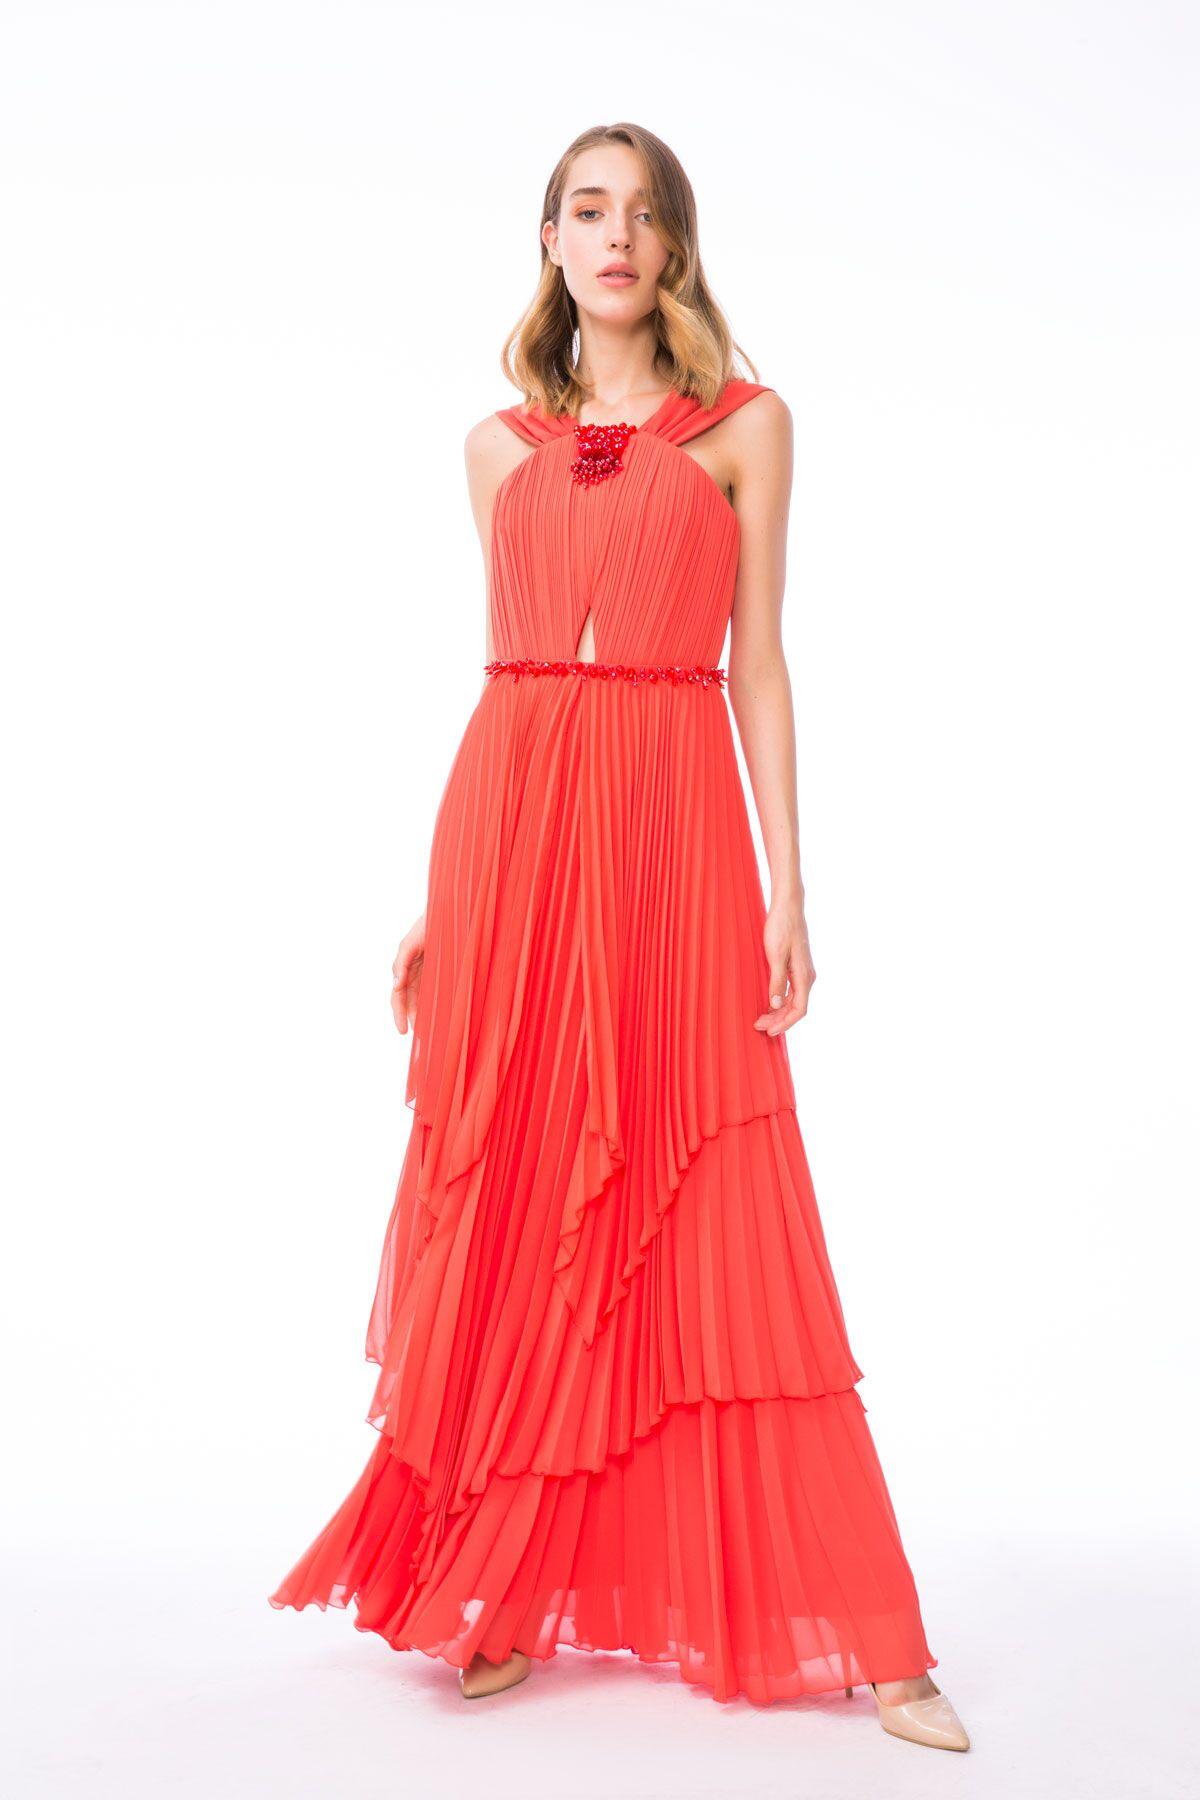 Taş İşleme Detaylı Uzun Kırmızı Elbise